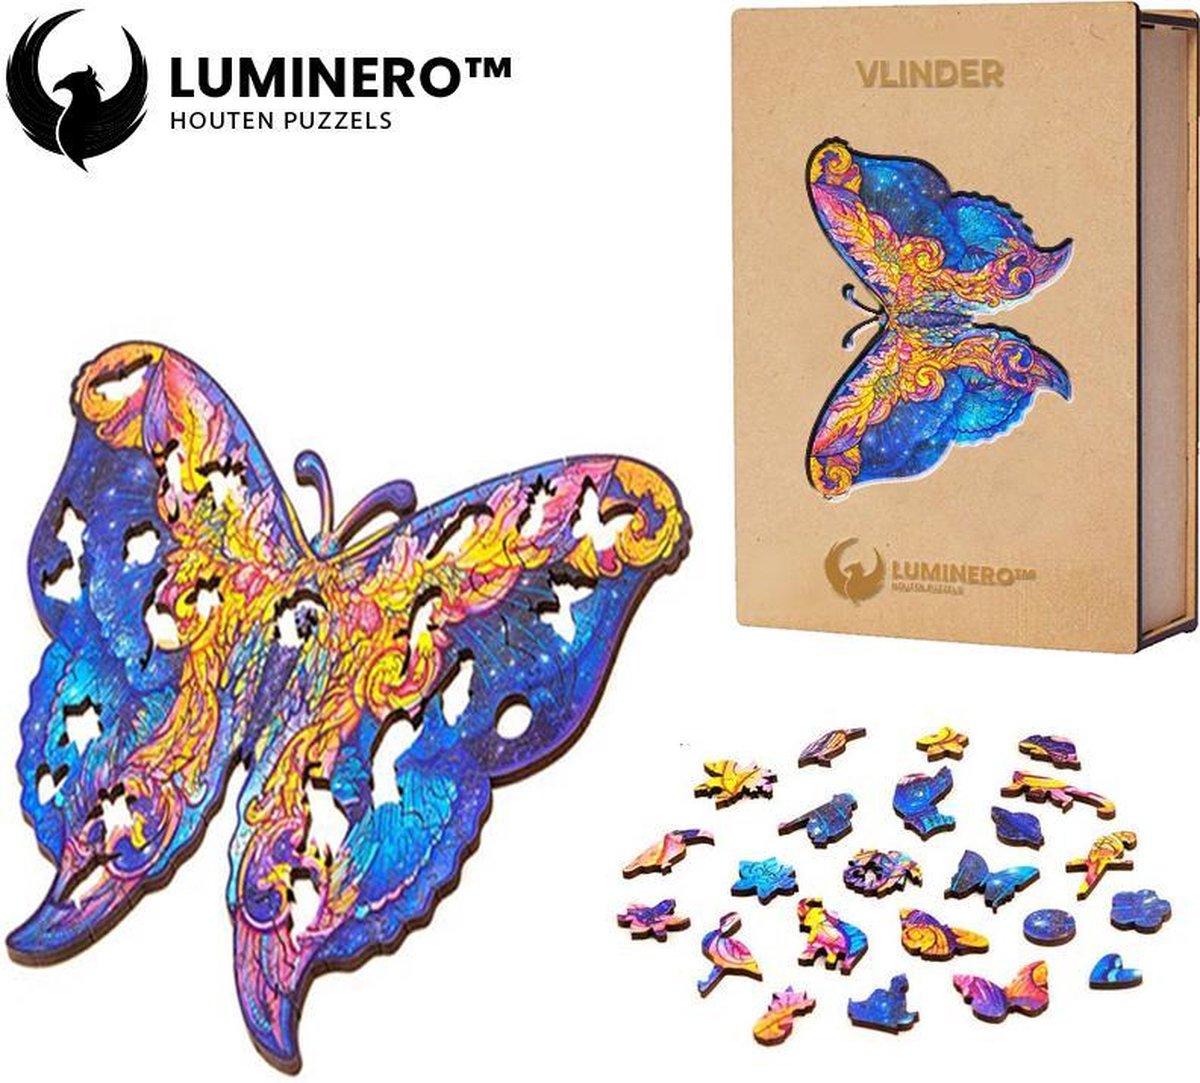 Luminero™ Houten Vlinder Jigsaw Puzzel - A5 Formaat Jigsaw - Unieke 3D Puzzels - Huisdecoratie - Wooden Puzzle - Volwassenen & Kinderen - Incl. Houten Doos